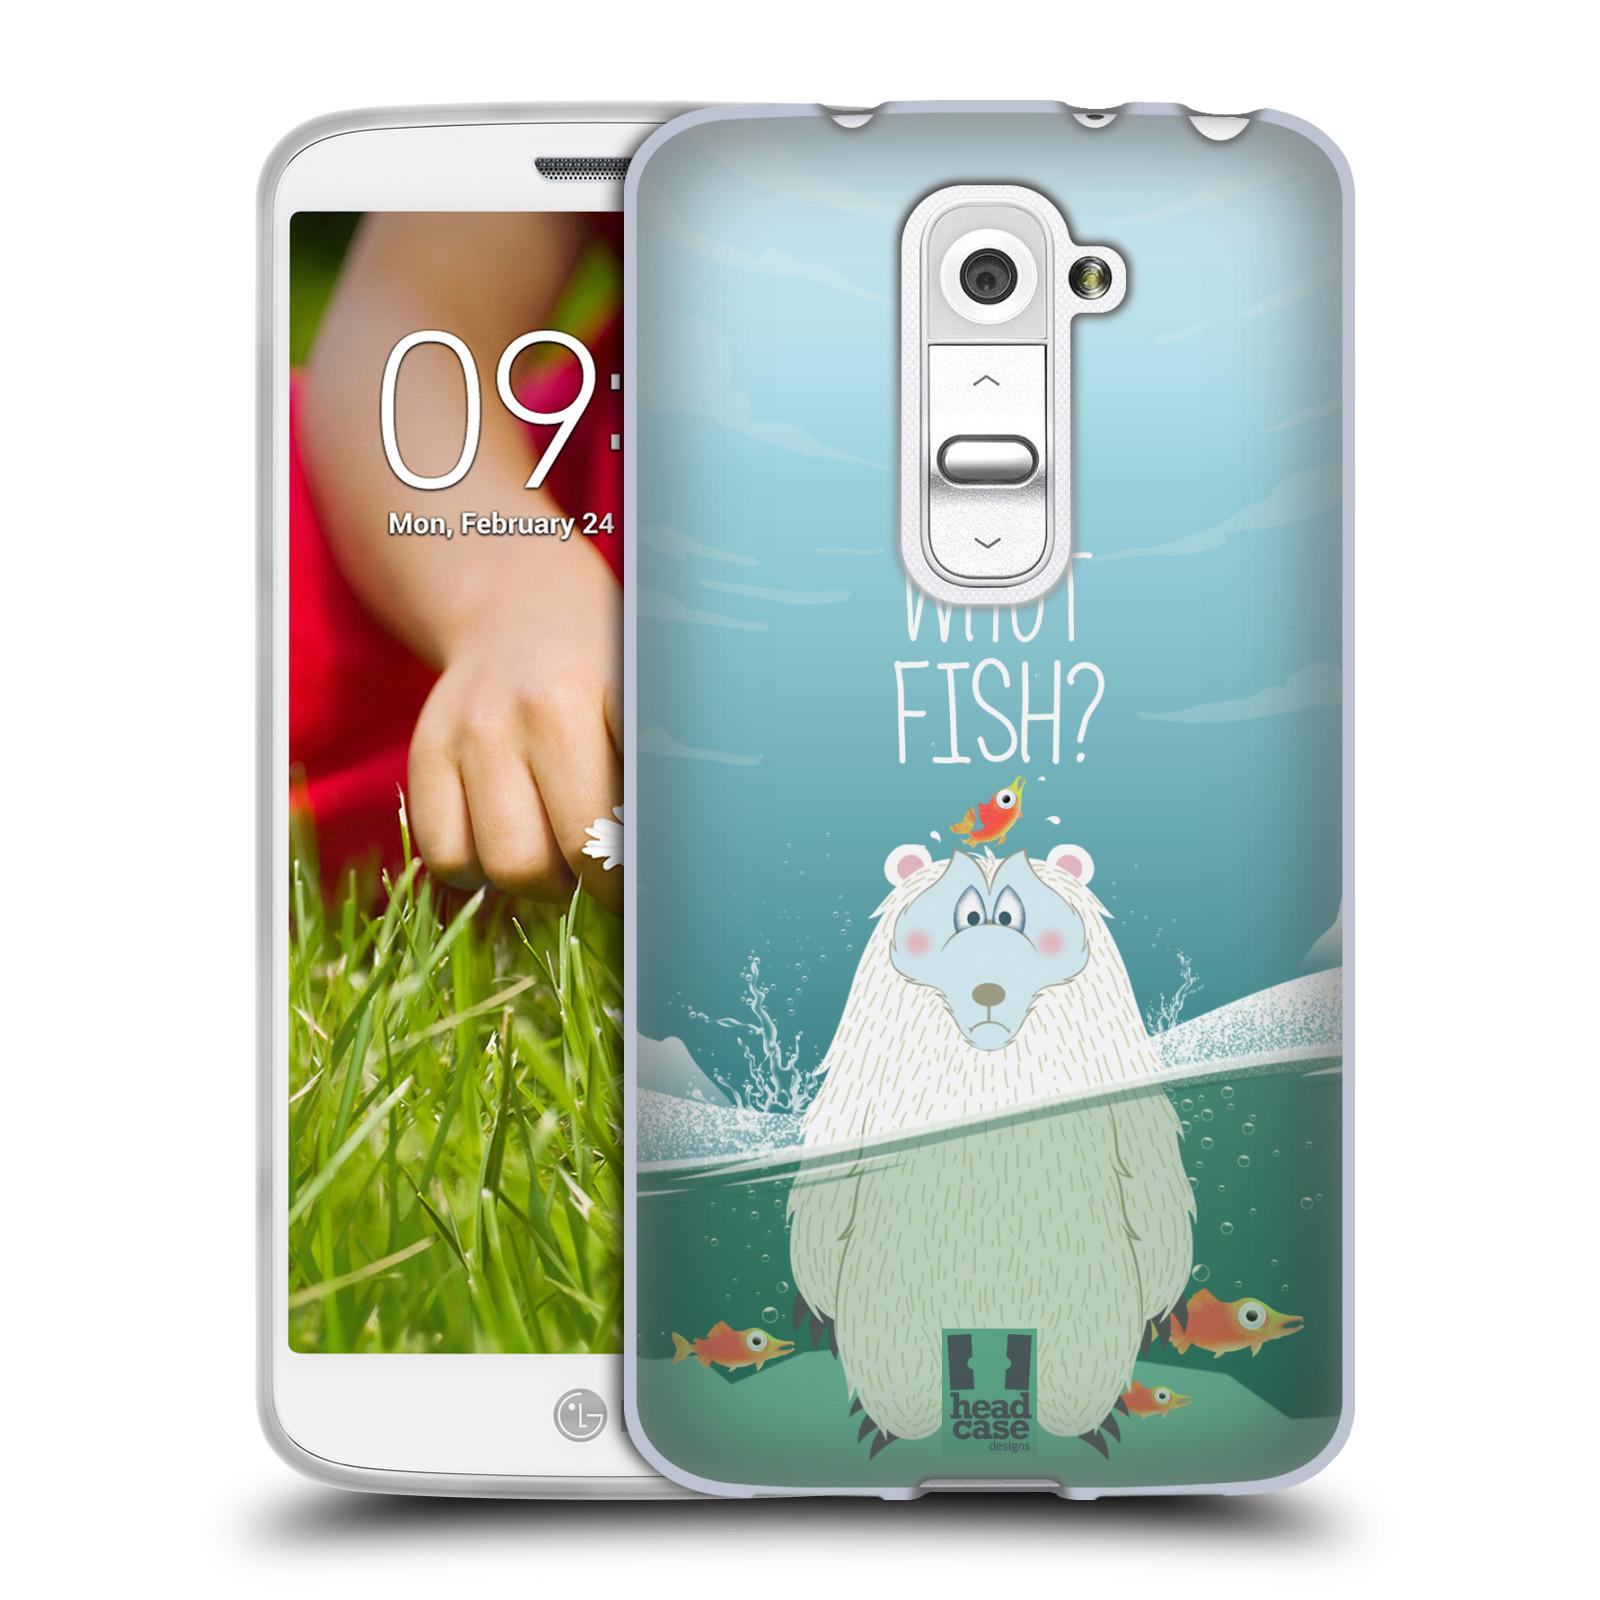 Silikonové pouzdro na mobil LG G2 Mini HEAD CASE Medvěd Whut Fish? (Silikonový kryt či obal na mobilní telefon LG G2 Mini D620)